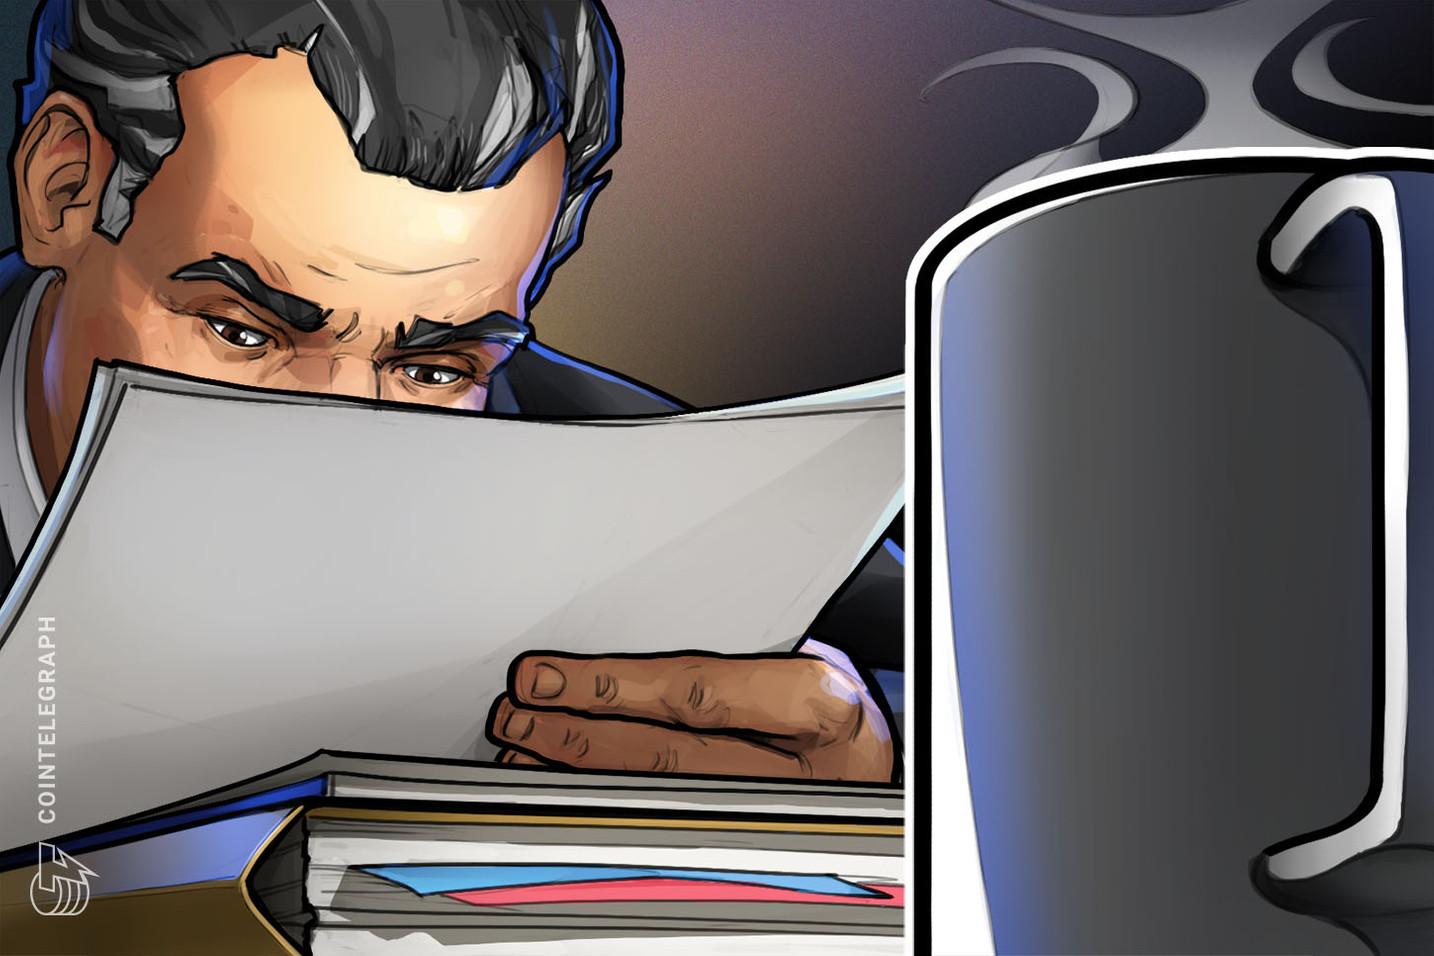 شركة باكسوس تتقدم للحصول على ترخيص مع هيئة الأوراق المالية والبورصات بعد الاختبارات التجريبية الناجحة